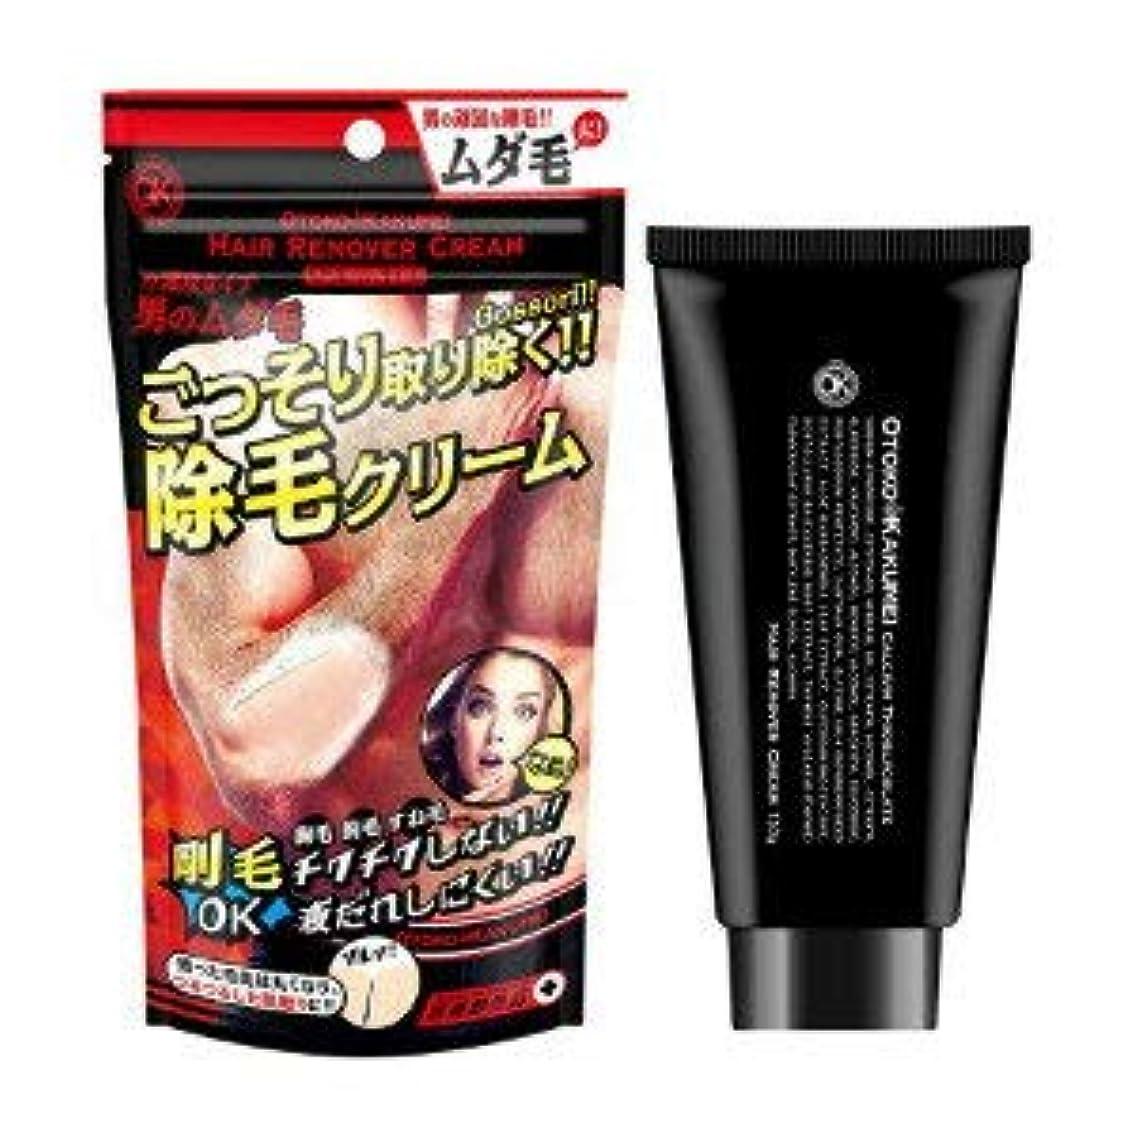 医学勤勉入るGR OTOKO KAKUMEI ヘアリムーバークリーム 130g×3個セット (医薬部外品)